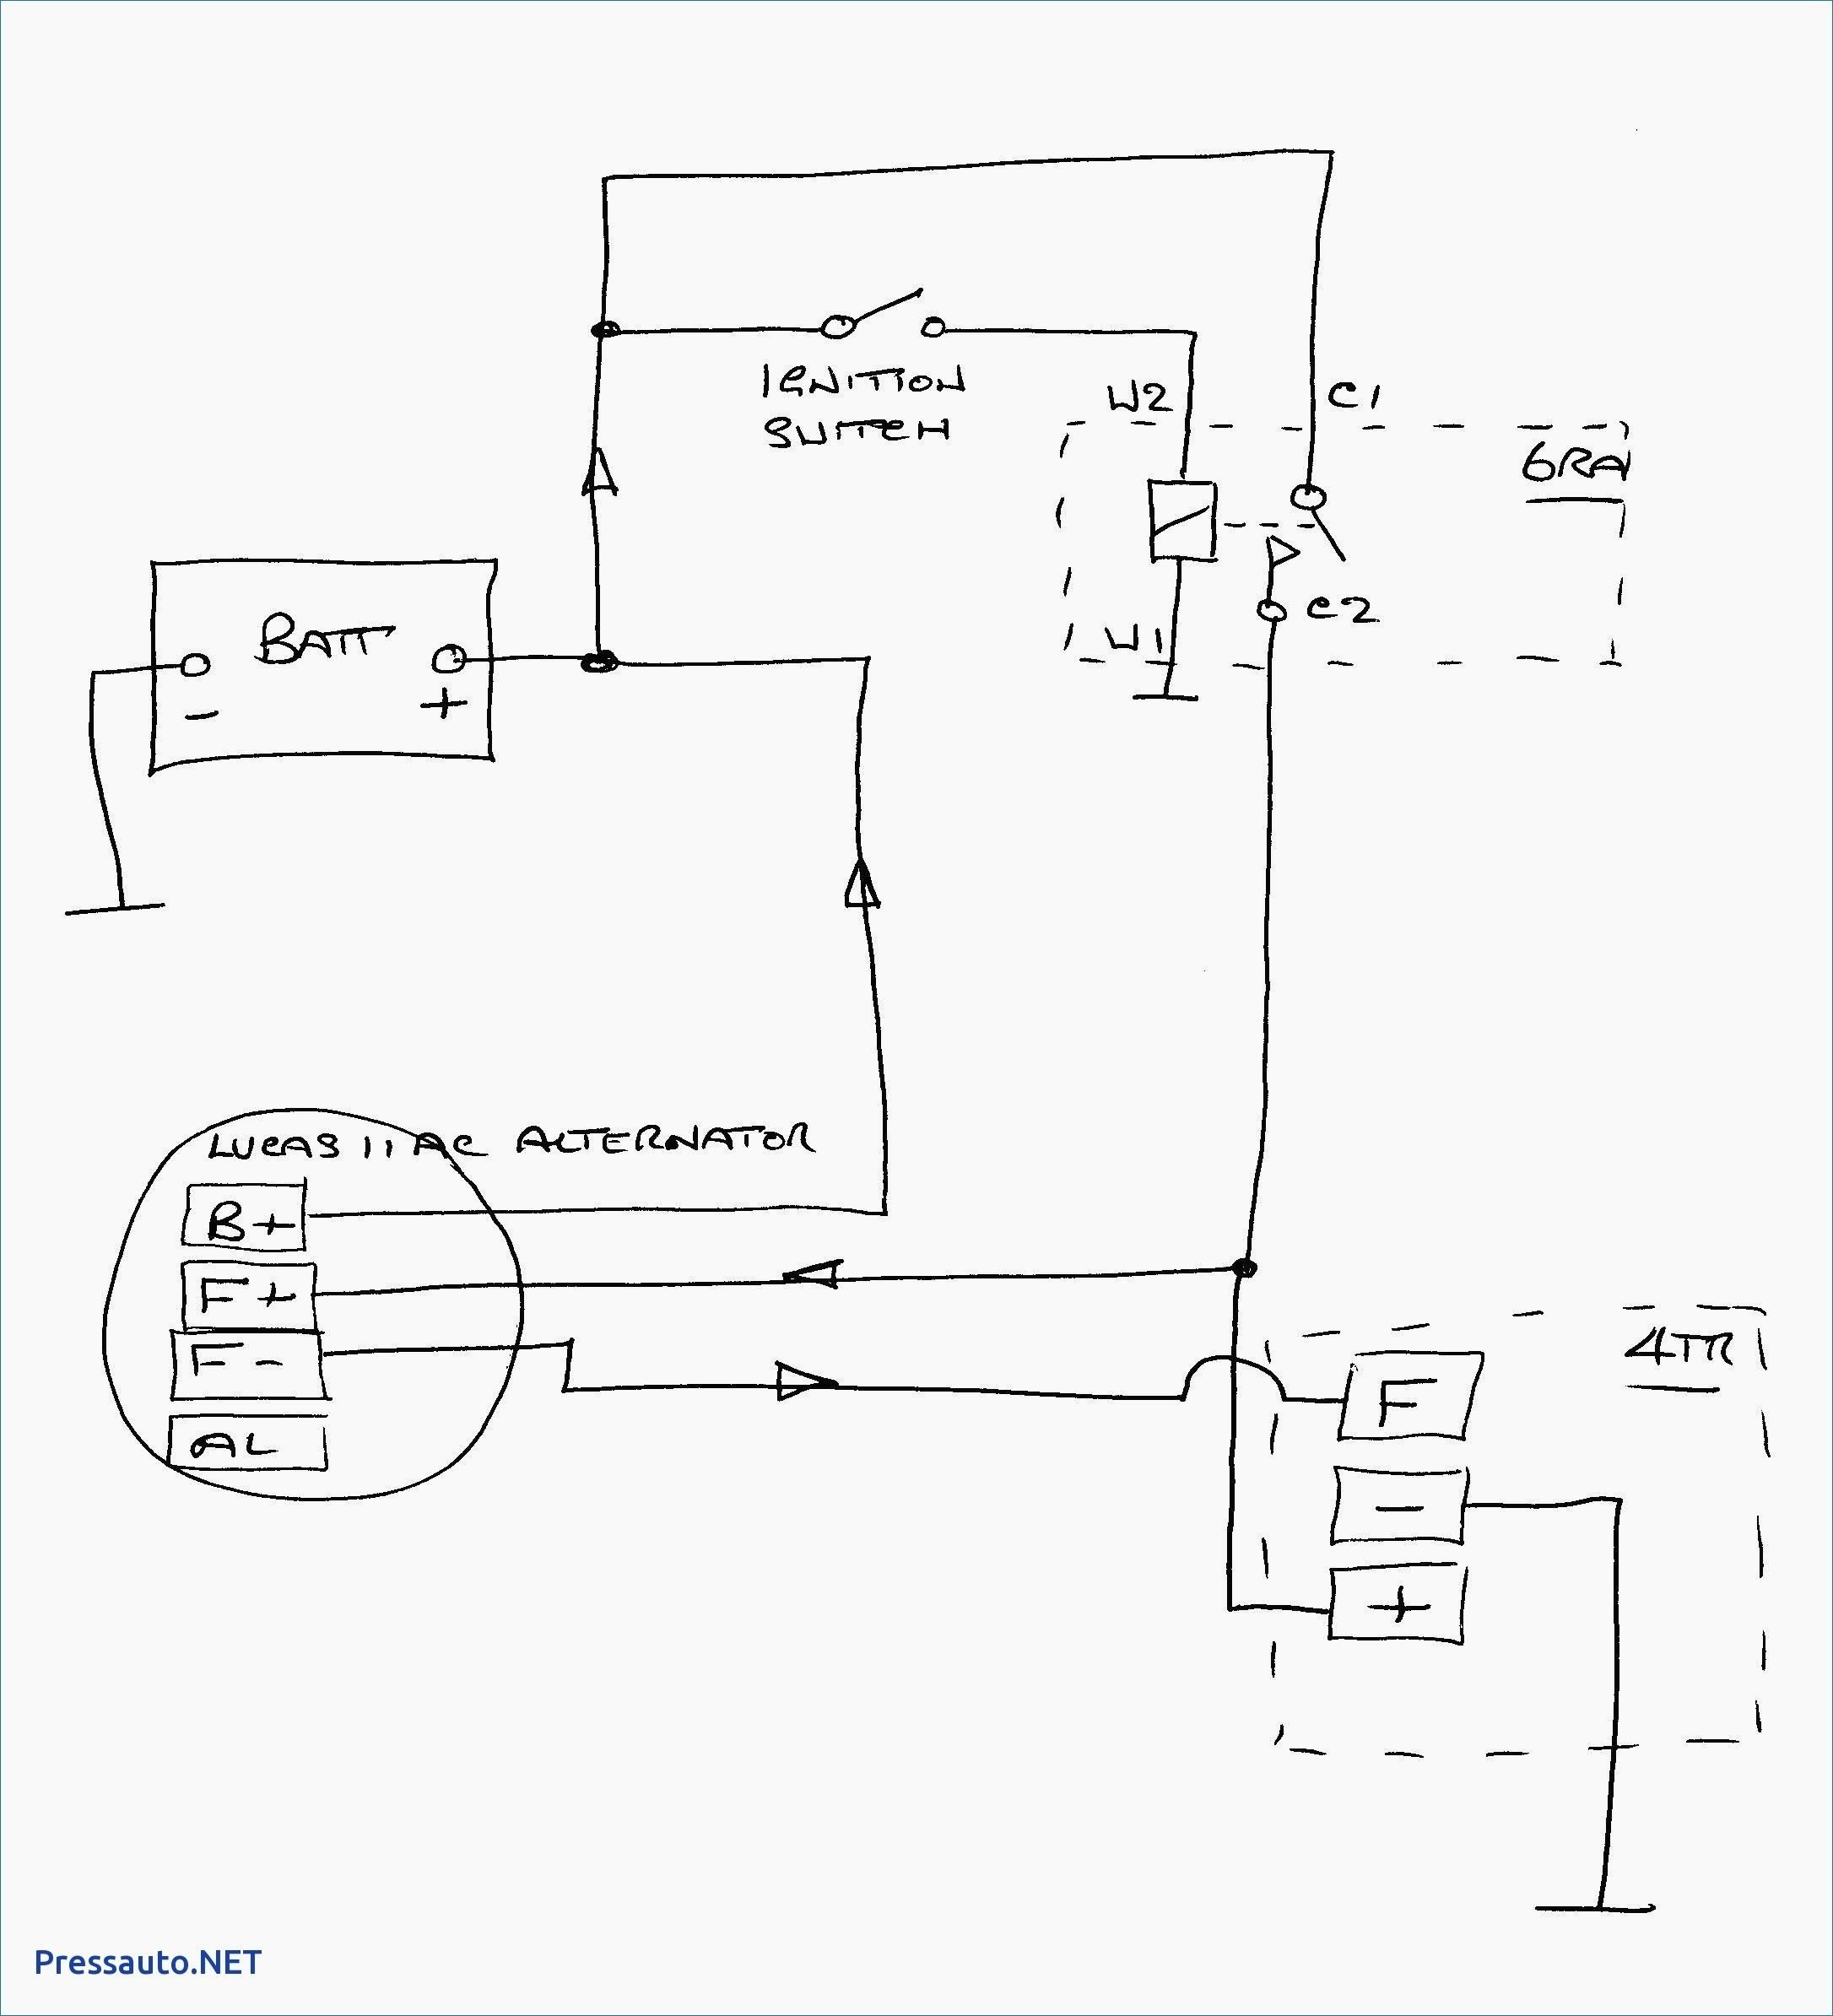 Diagram Diagramsample Diagramtemplate Wiringdiagram